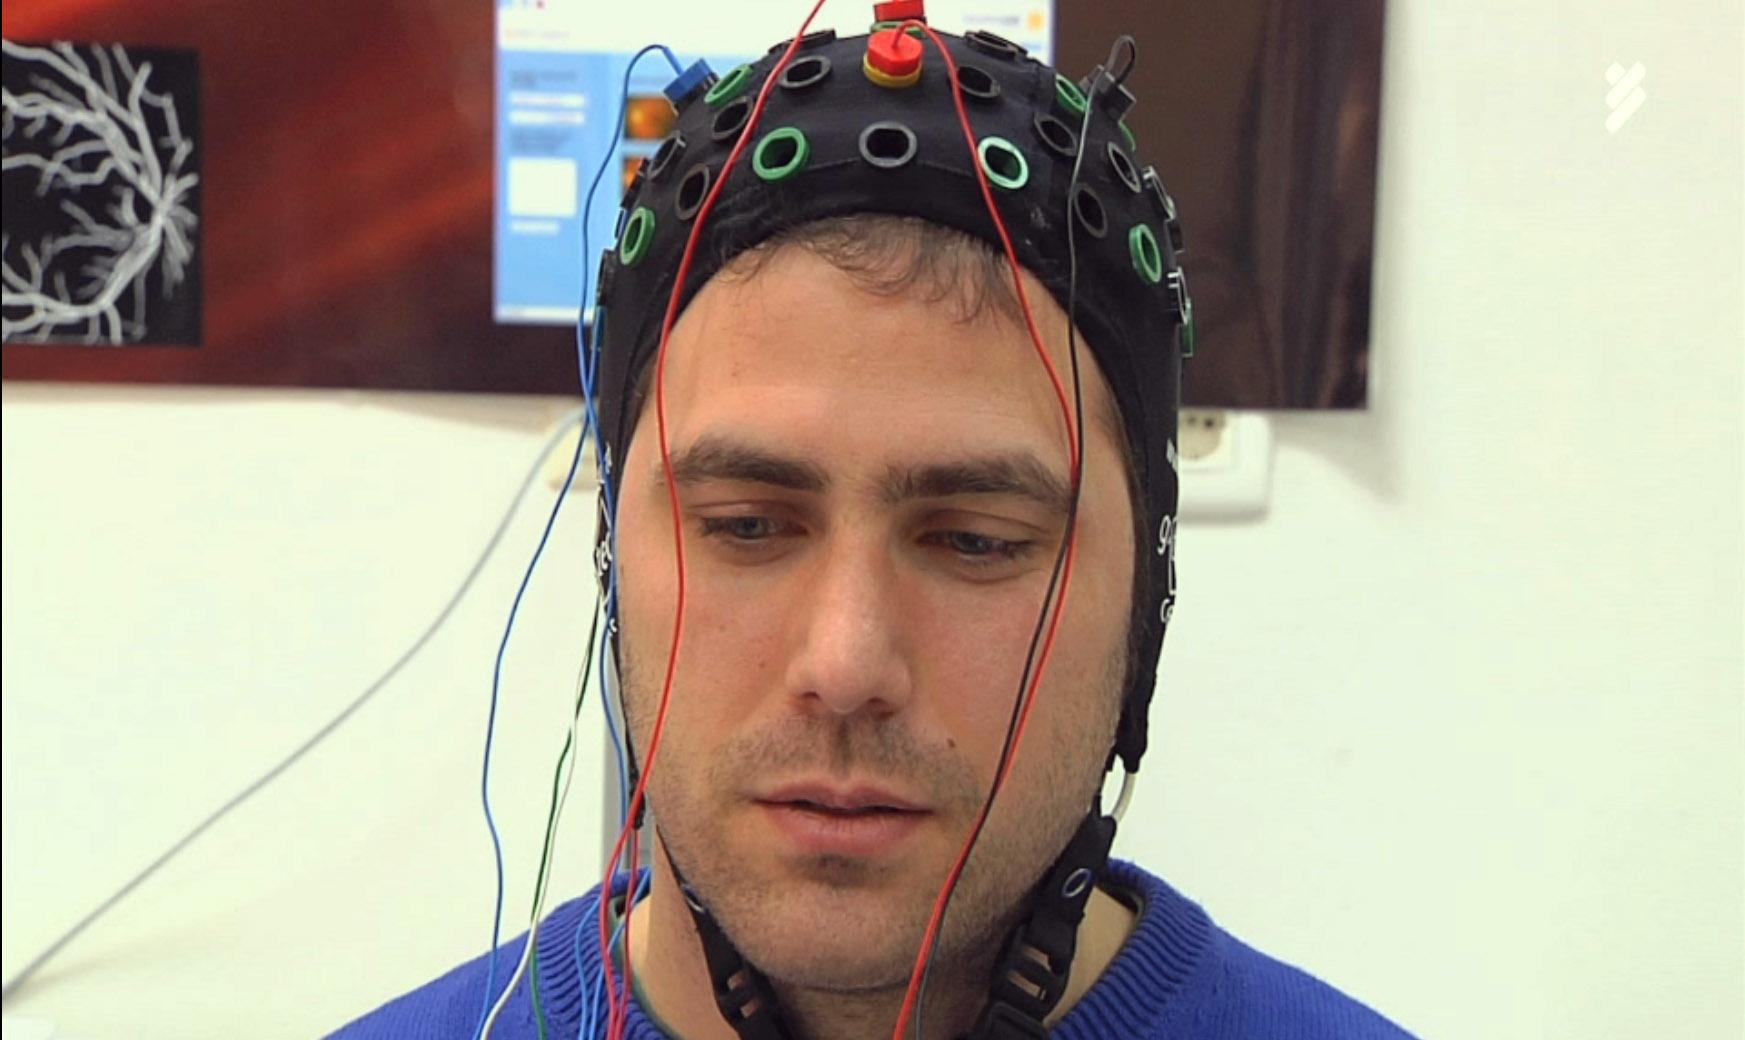 Un casco inteligente transforma los deseos en órdenes